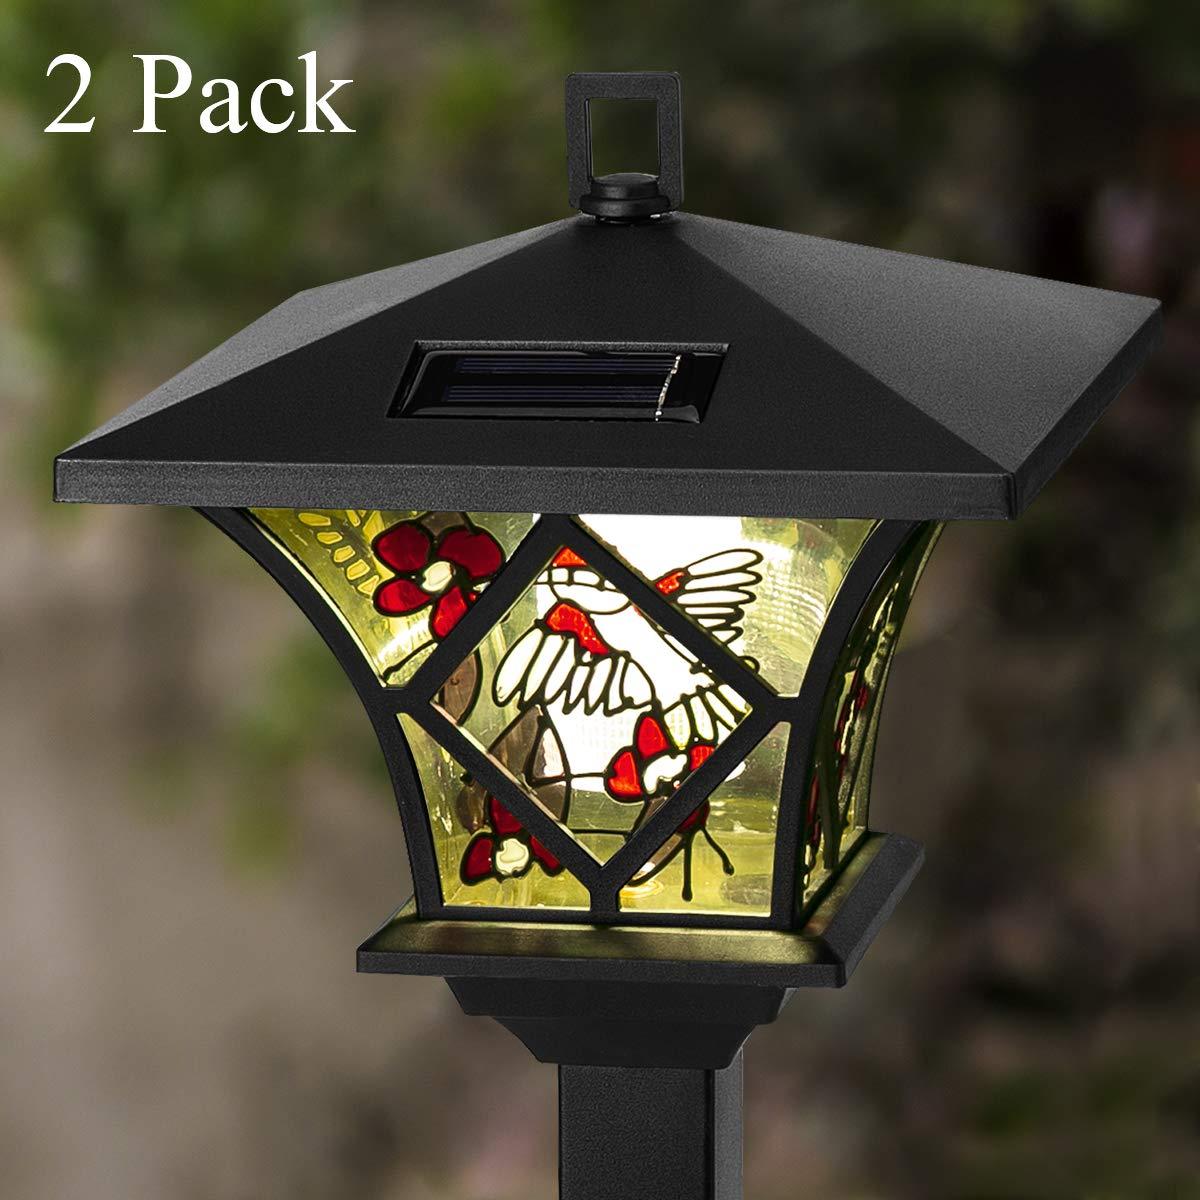 GIGALUMI Hummingbird Solar Power Lights